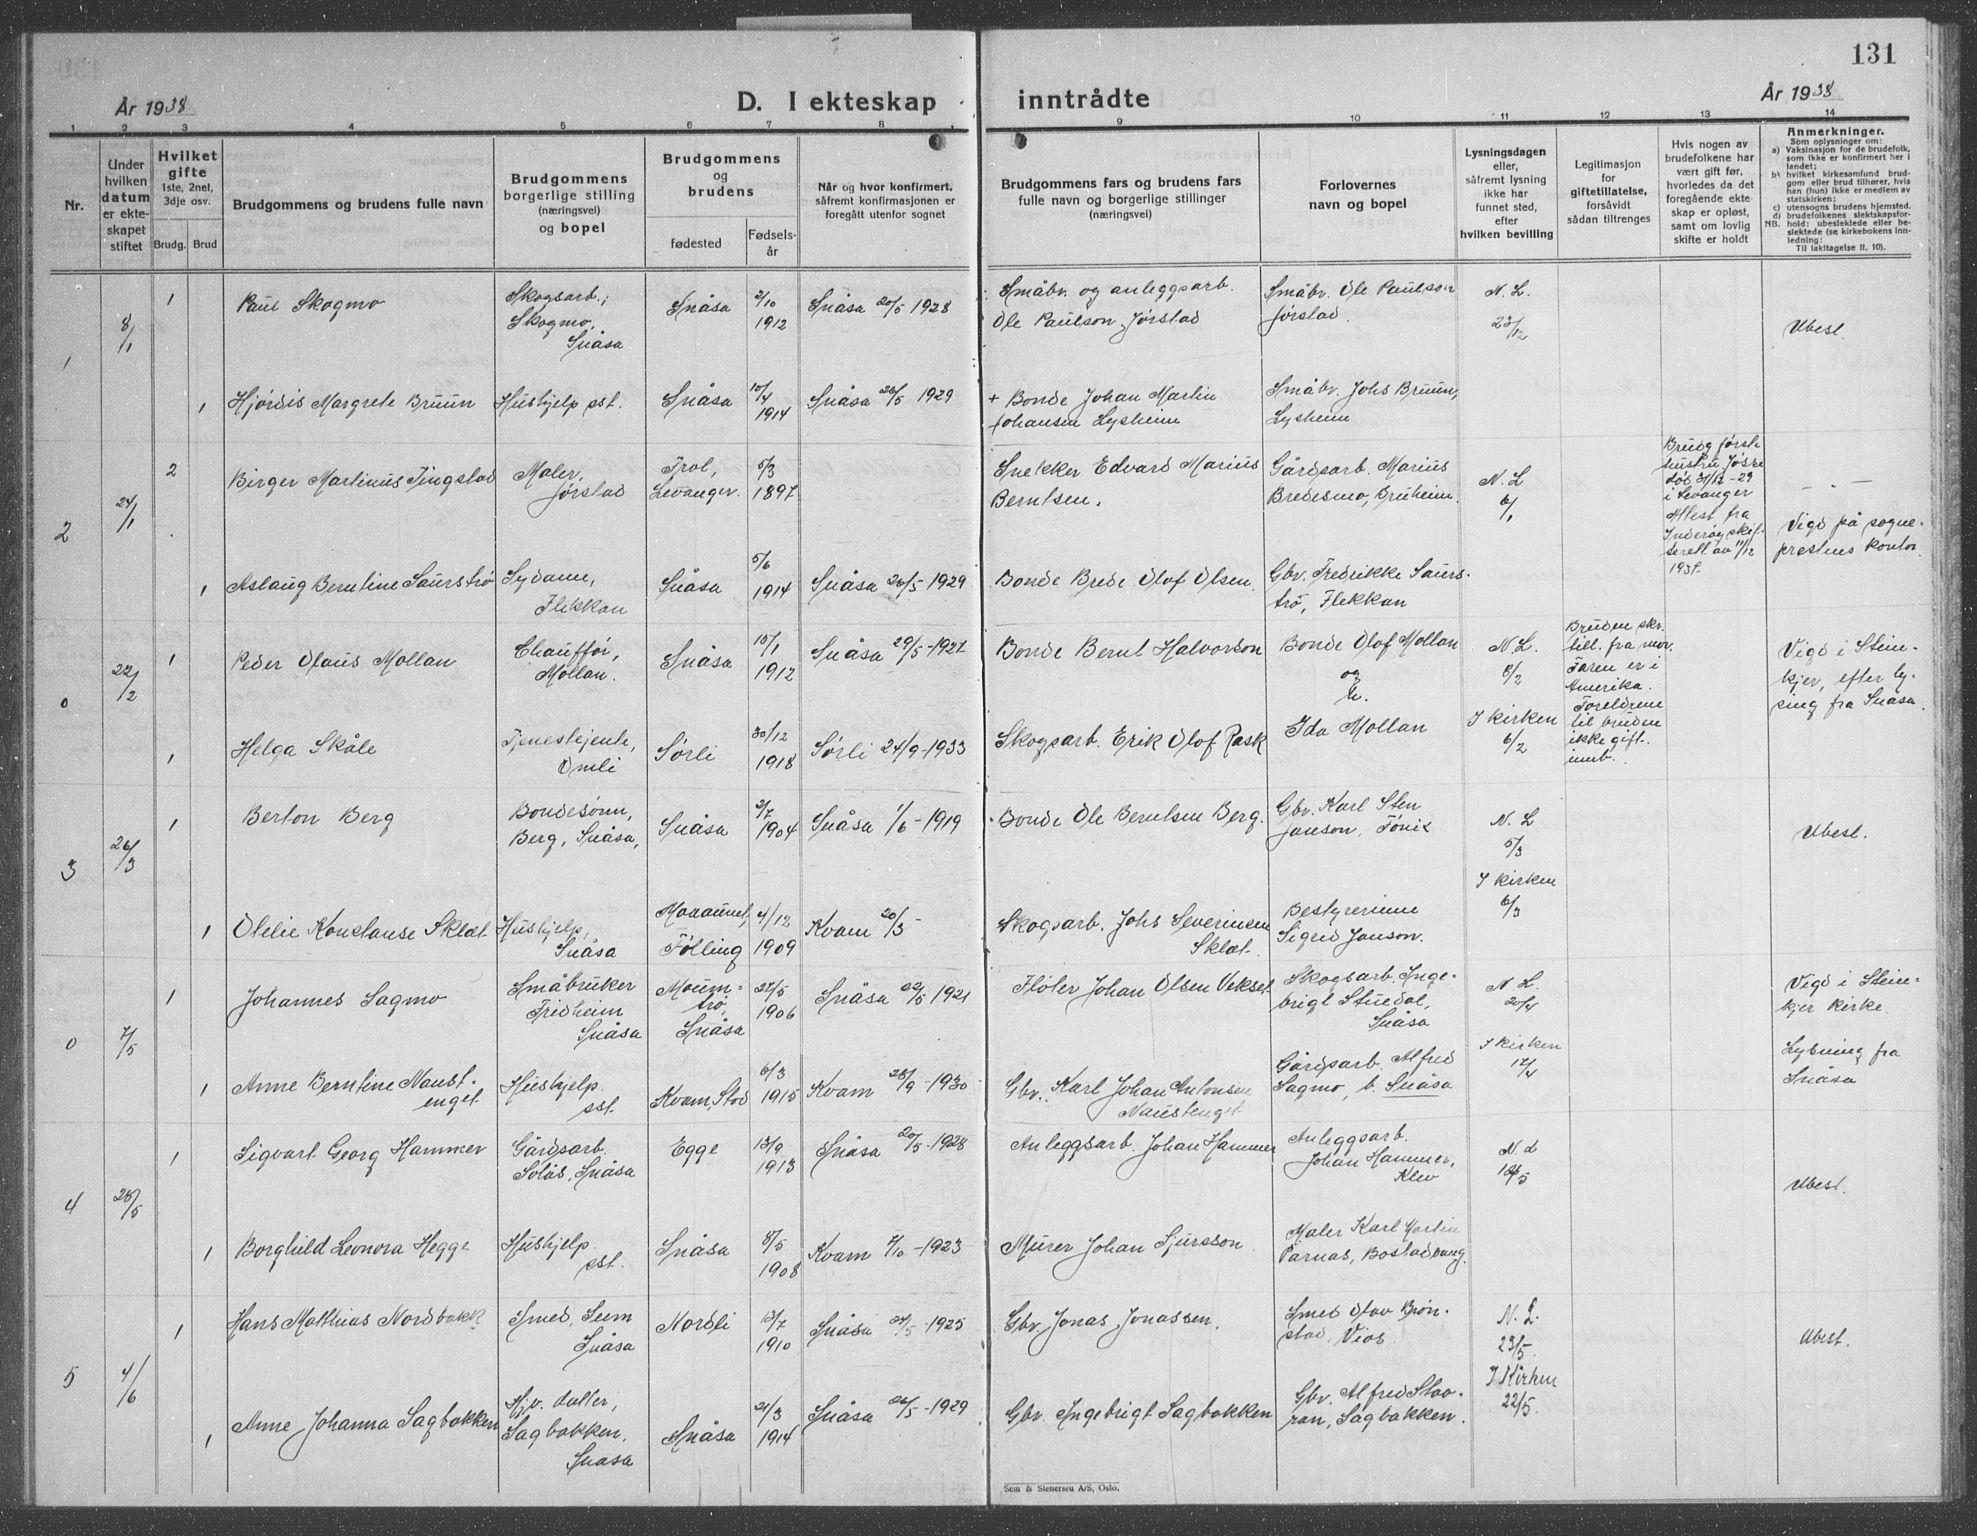 SAT, Ministerialprotokoller, klokkerbøker og fødselsregistre - Nord-Trøndelag, 749/L0481: Klokkerbok nr. 749C03, 1933-1945, s. 131